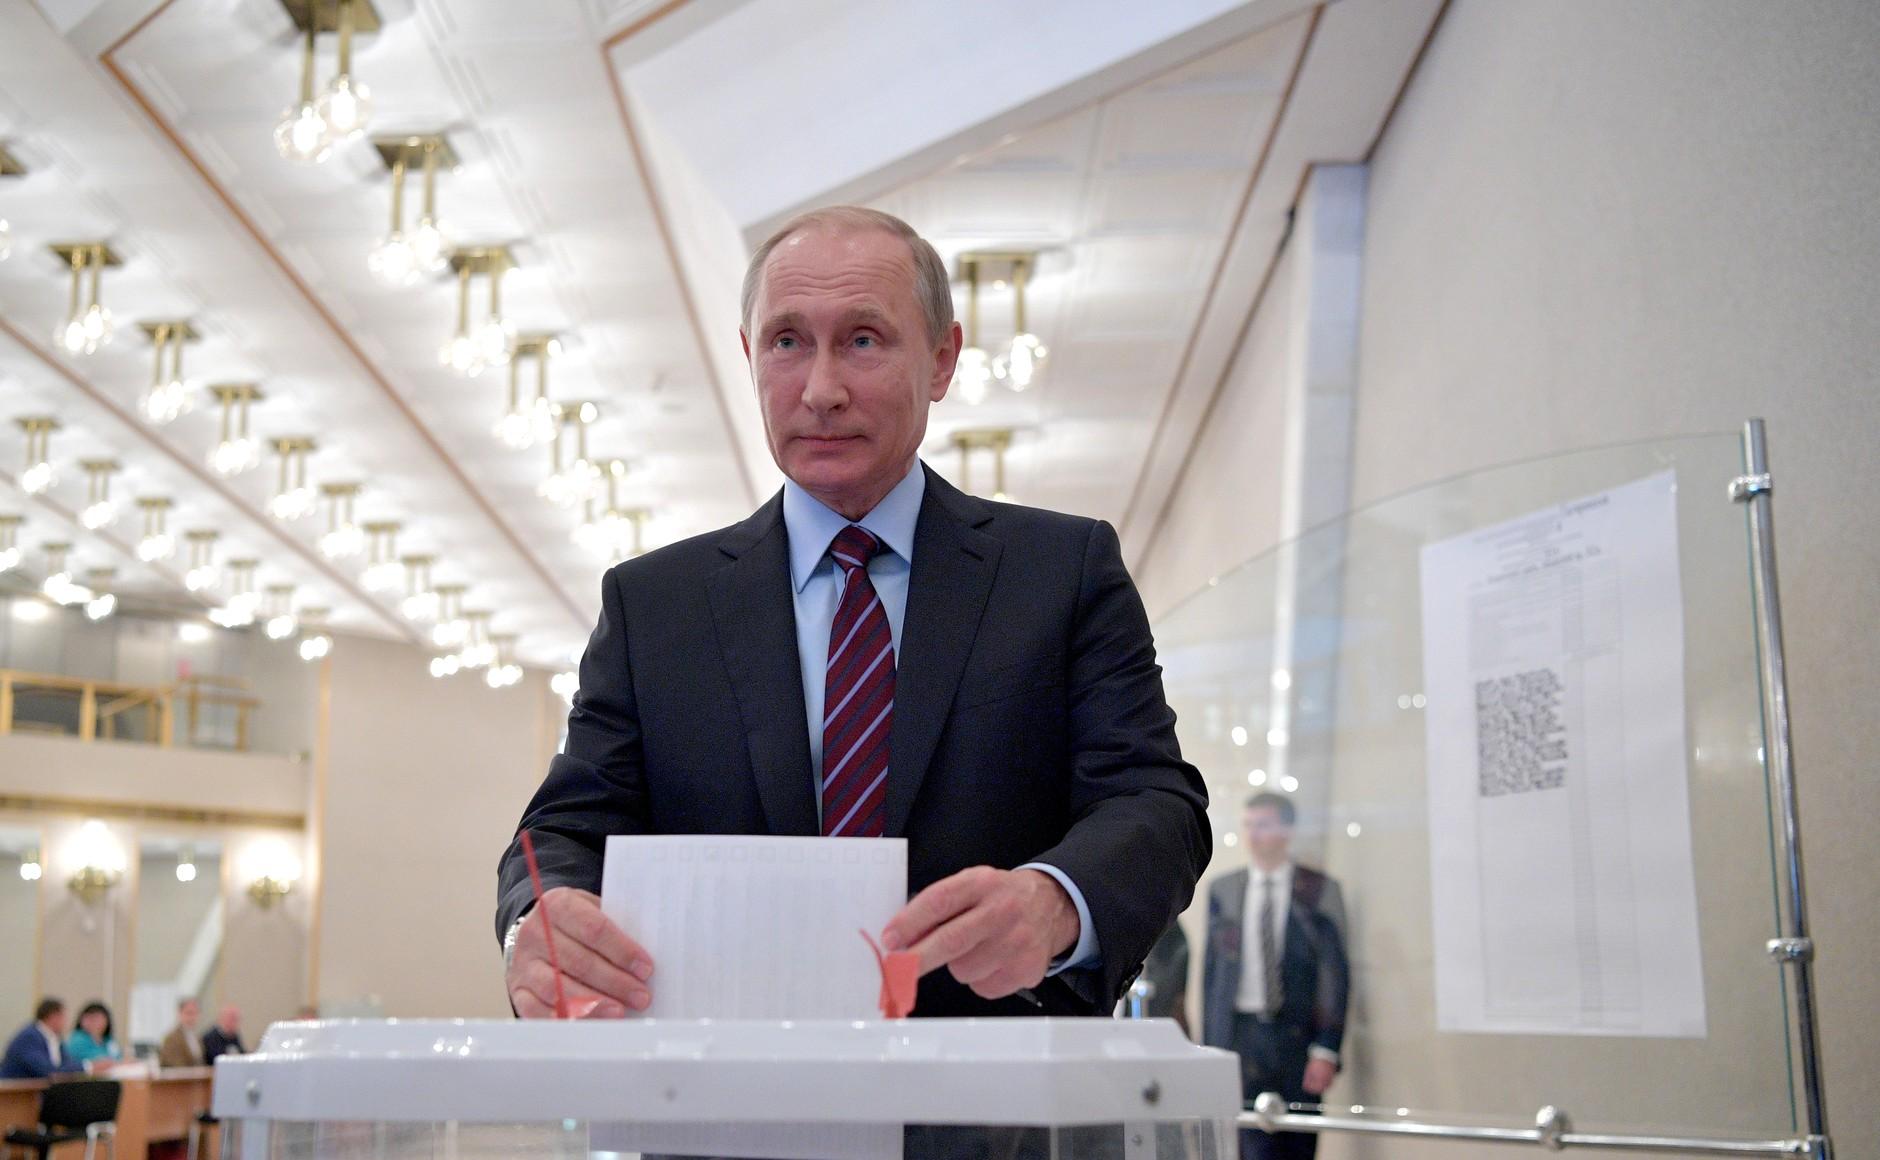 Путин. Итоги. 2018 « Путин. Итоги